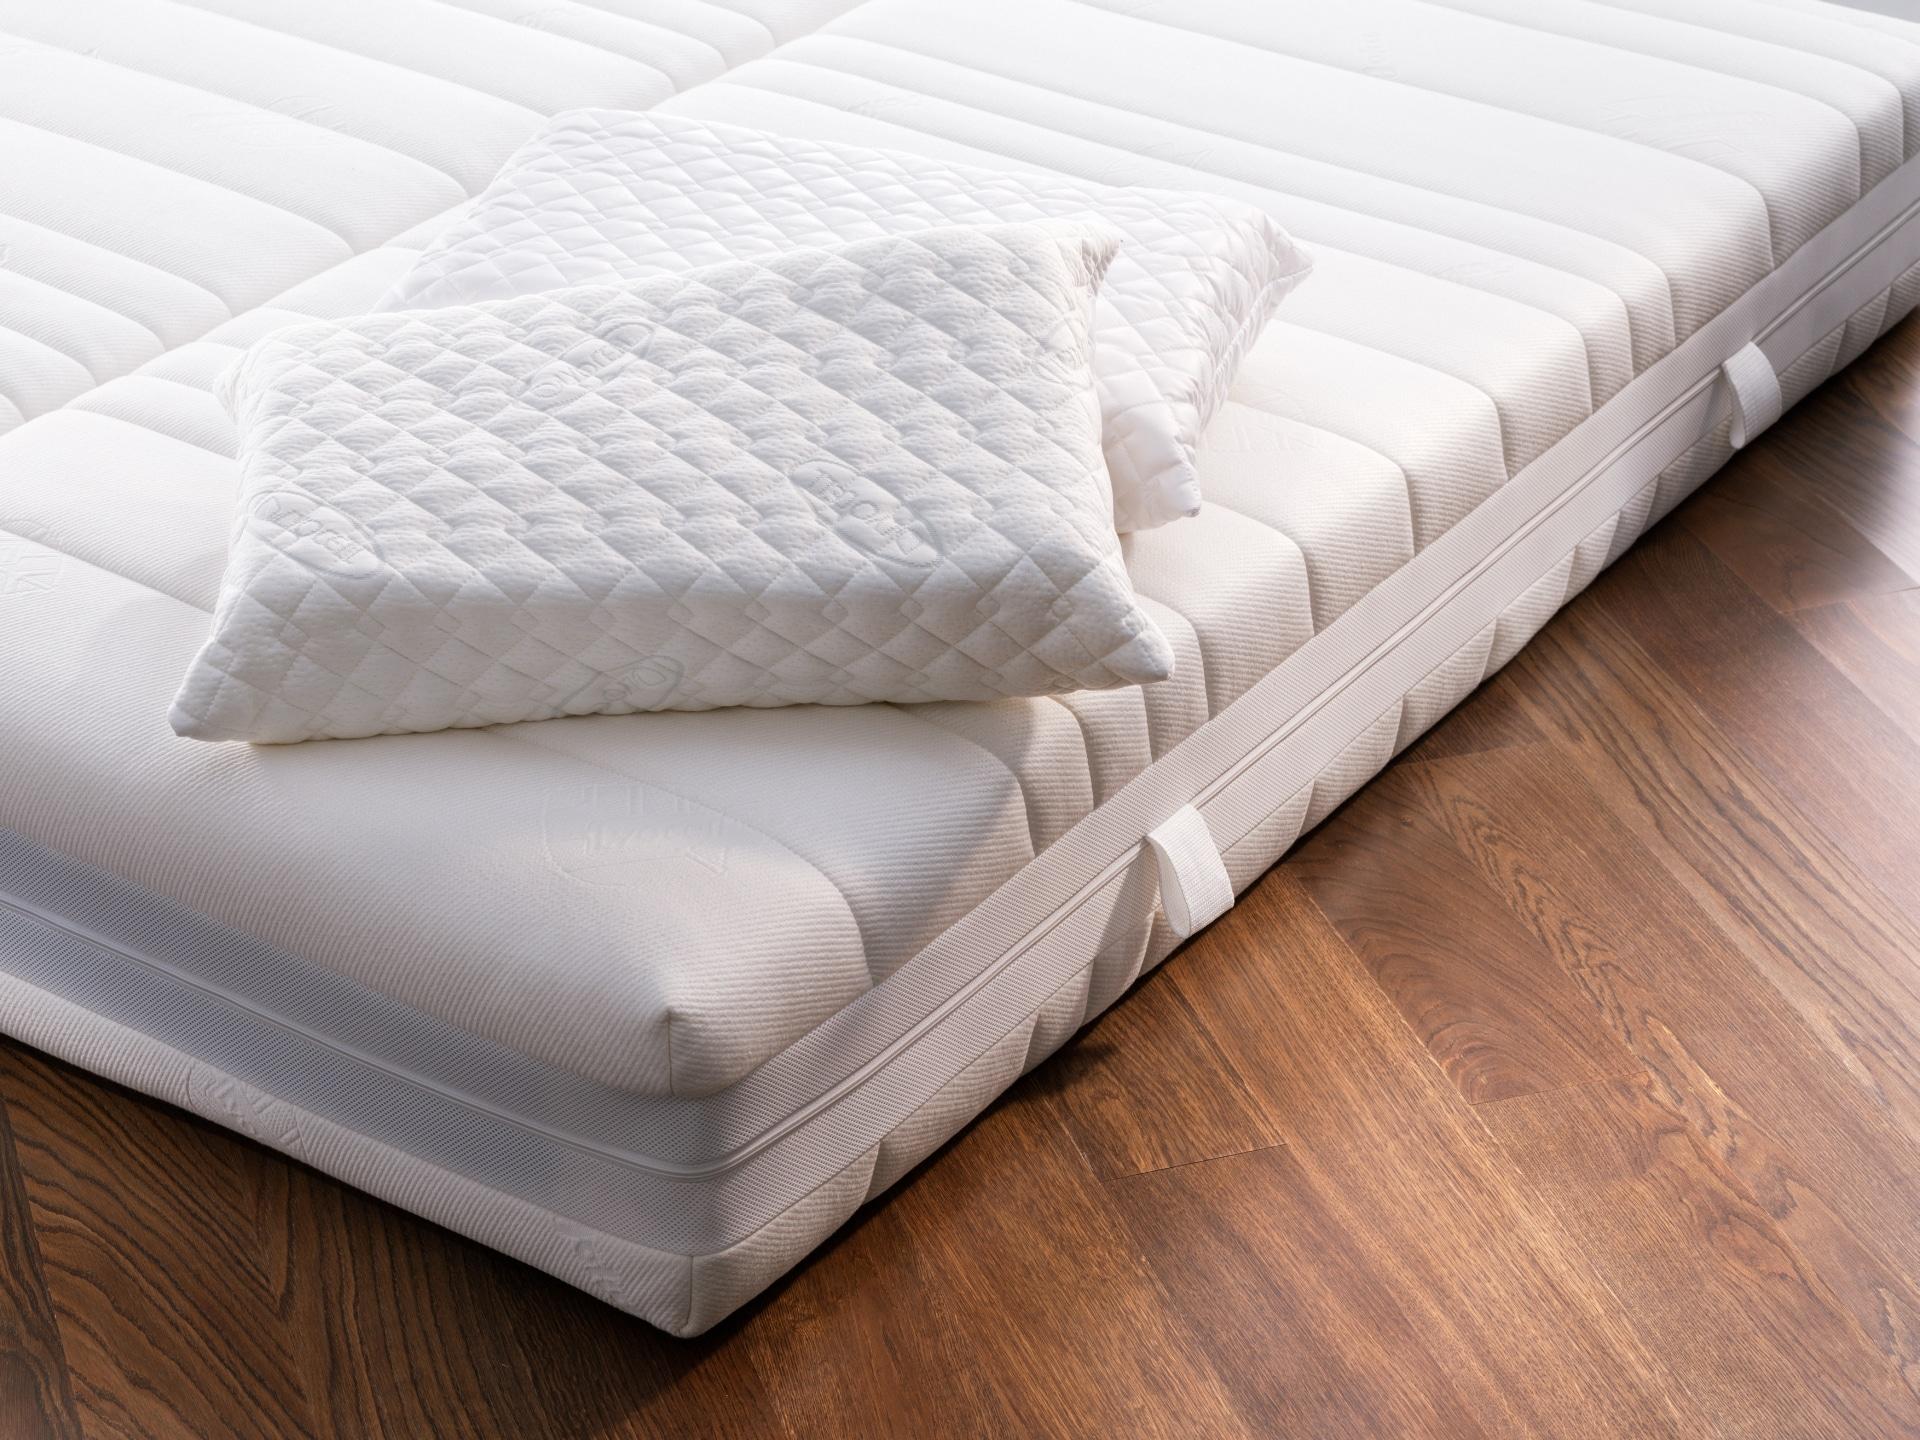 Matratze und Kissen auf Holzboden